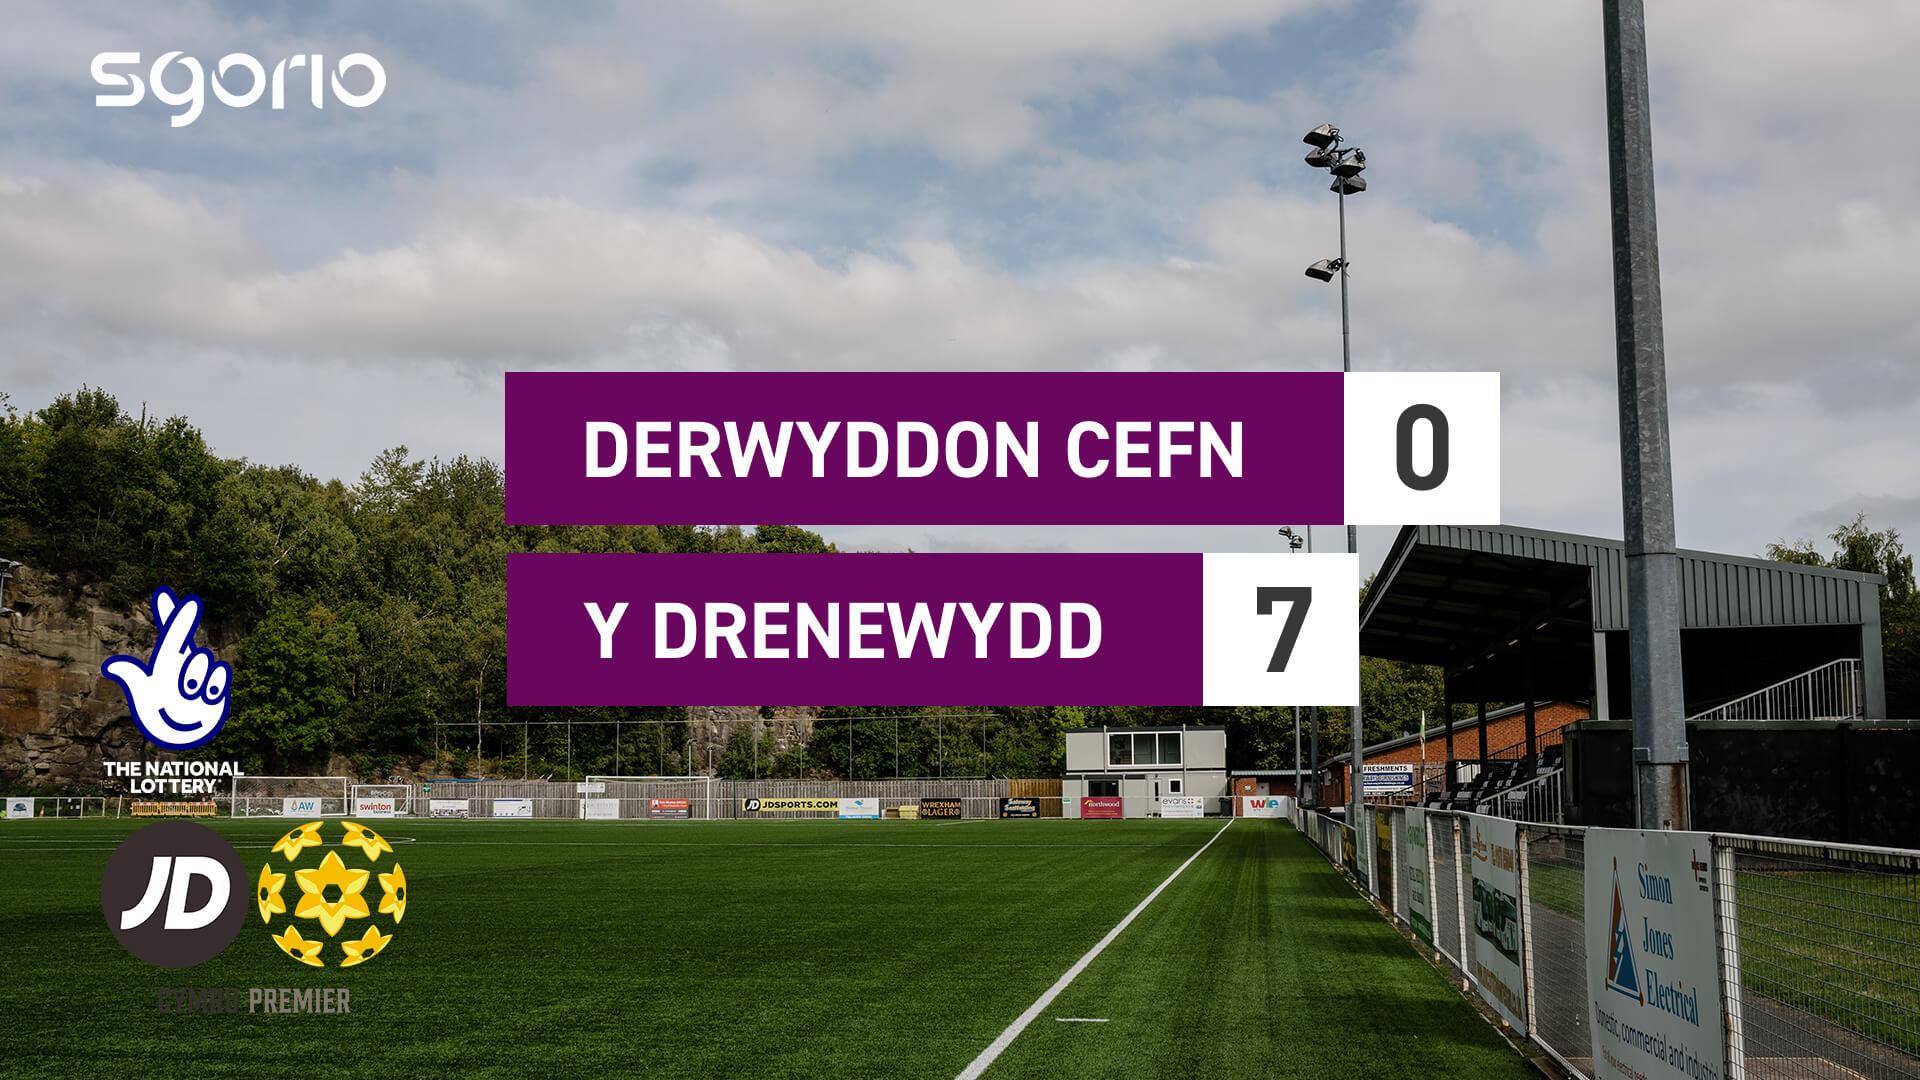 Derwyddon Cefn 0-7 Y Drenewydd